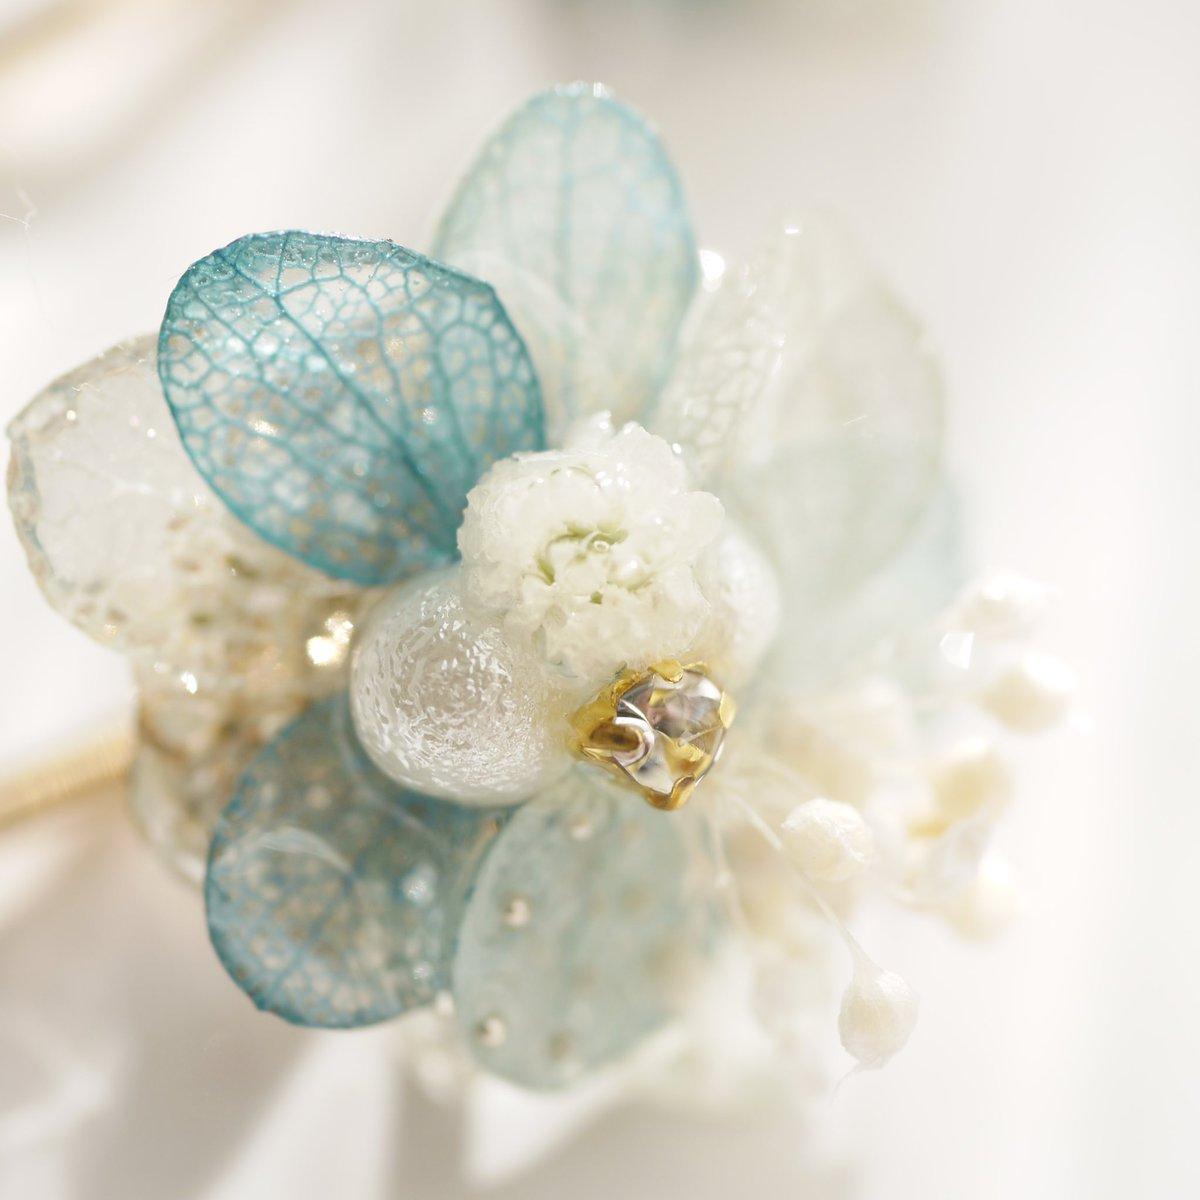 アナ雪❄️イメージバレッタの反応が良かったので、同じカラーのヘアカフを作りました☃️やっぱり花びら綺麗❁.*・゚